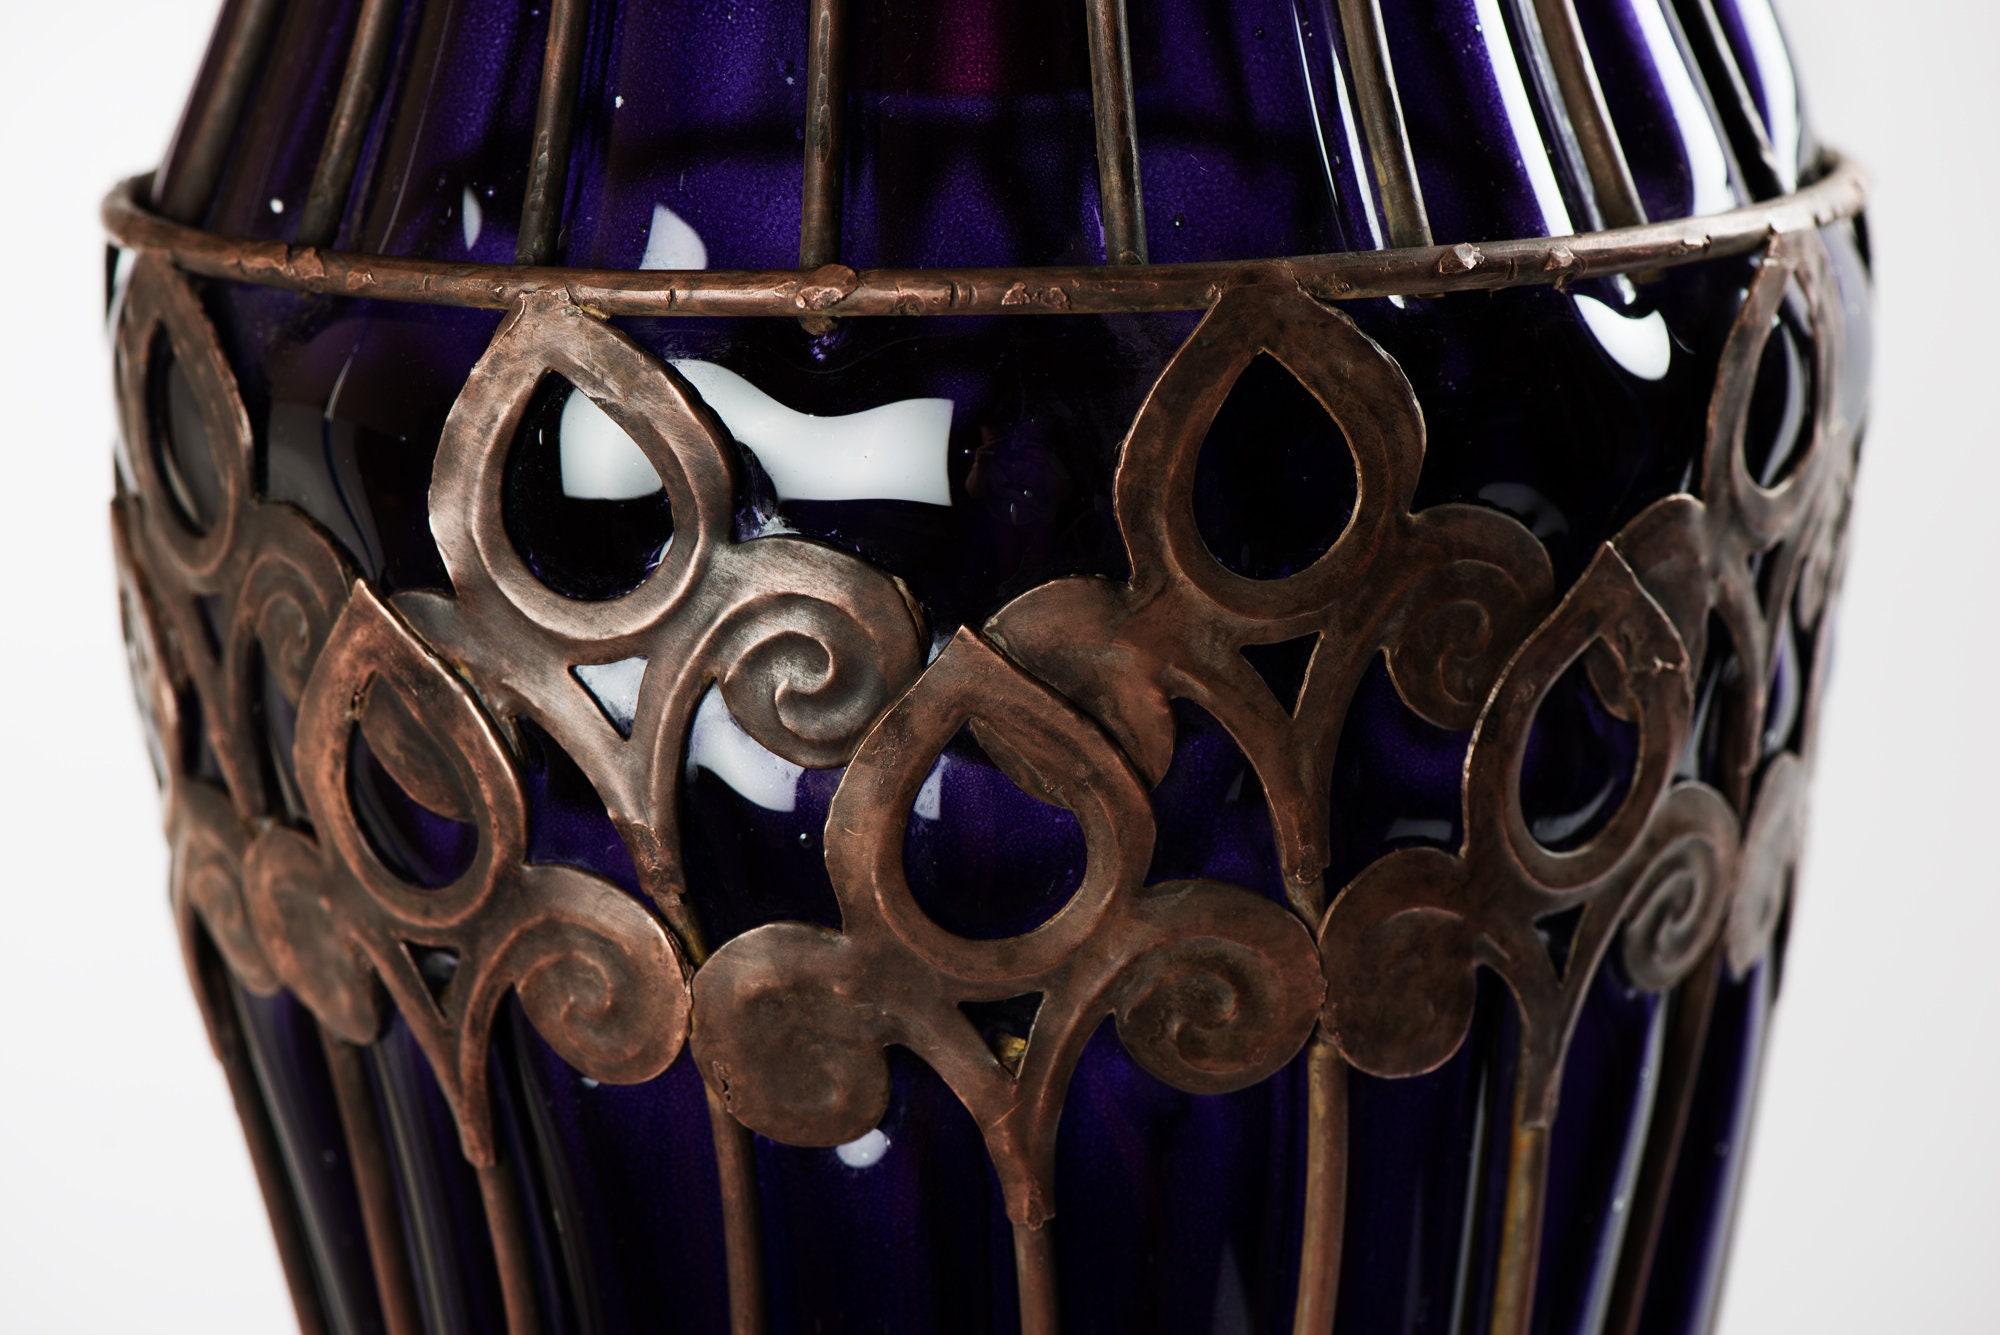 Cobalto Blu Vetro Gabbia Ciondolo Lampada Vintage Luce Fatta A